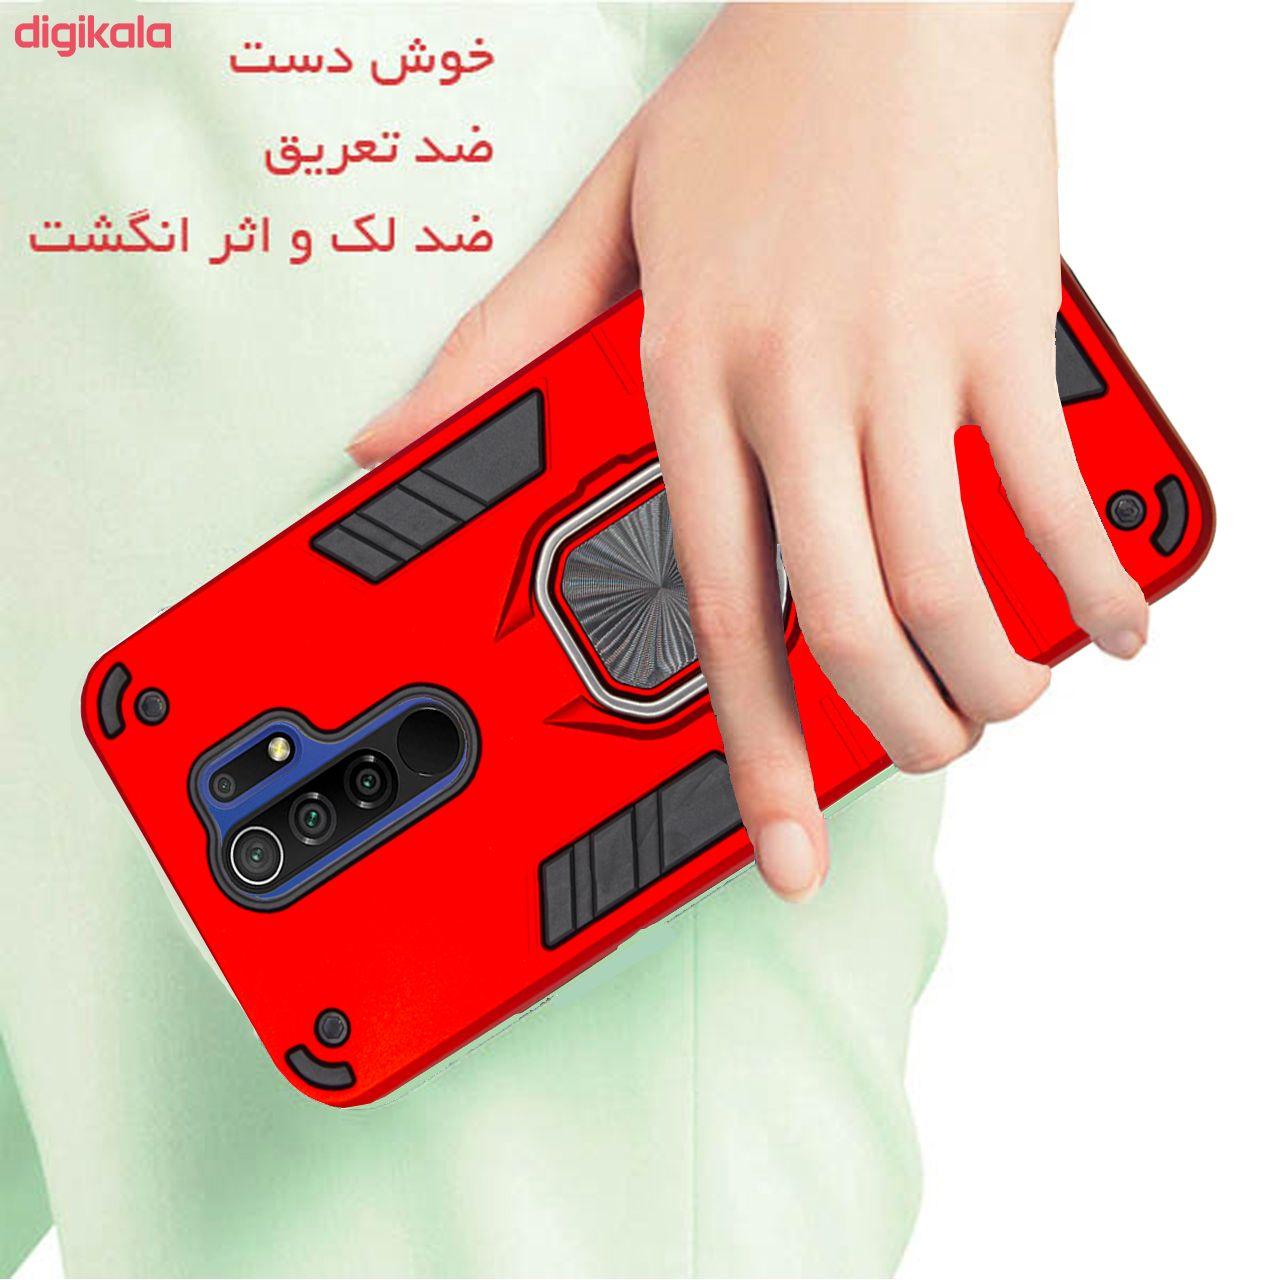 کاور کینگ پاور مدل ASH22 مناسب برای گوشی موبایل شیائومی Redmi 9 / Redmi 9 Prime main 1 8